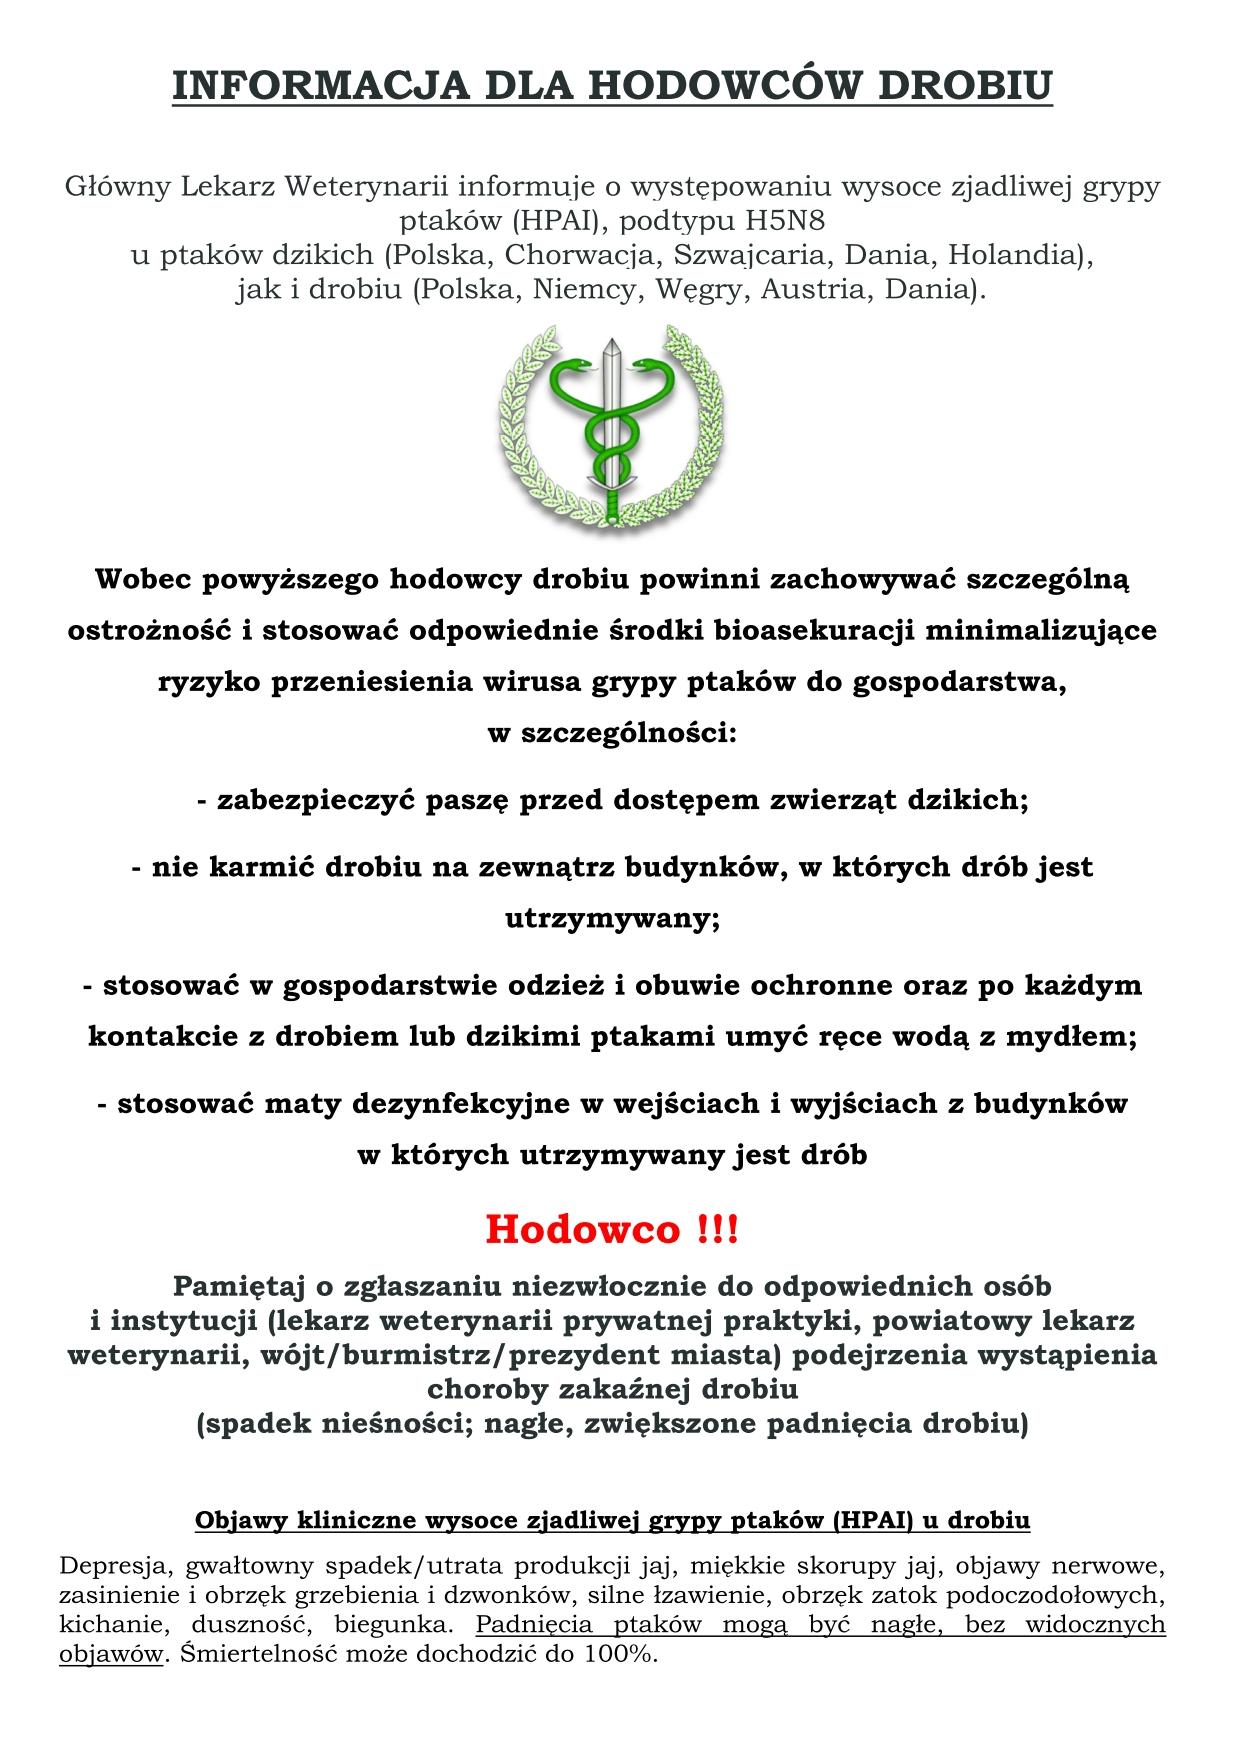 informacja-dla-hodowcow-drobiu_01